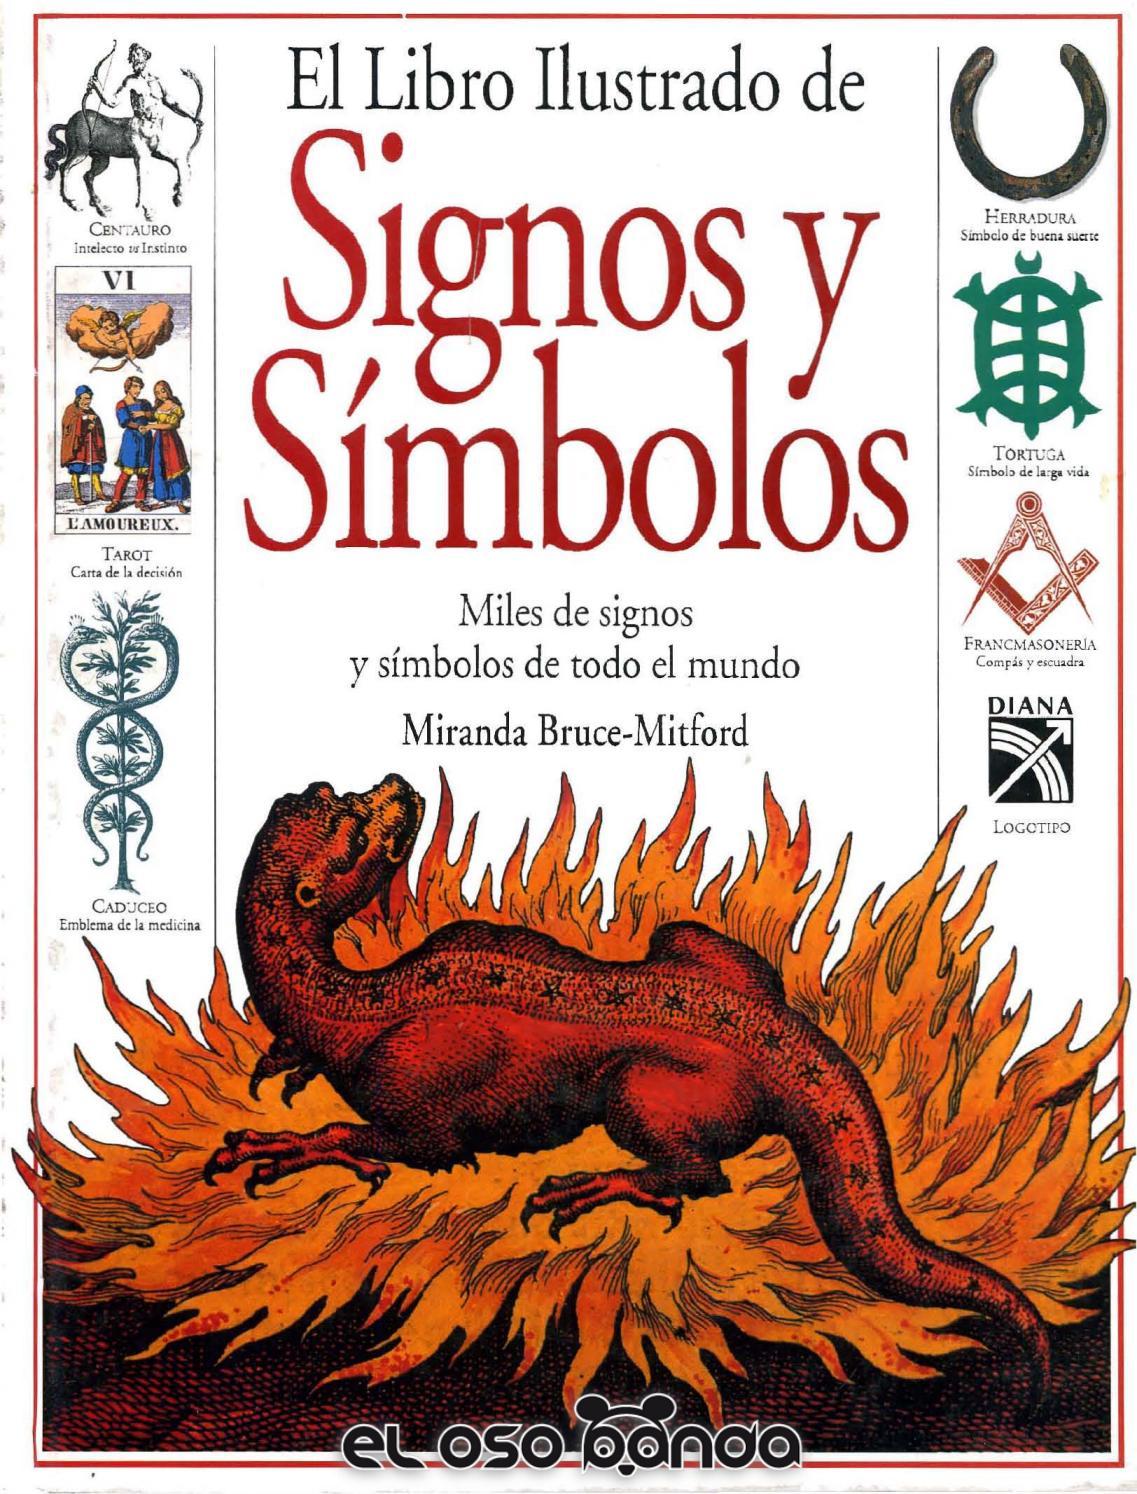 Cardo Escocés Pendientes dragones Vena Ágata Escocia Celta Medias De Regalo